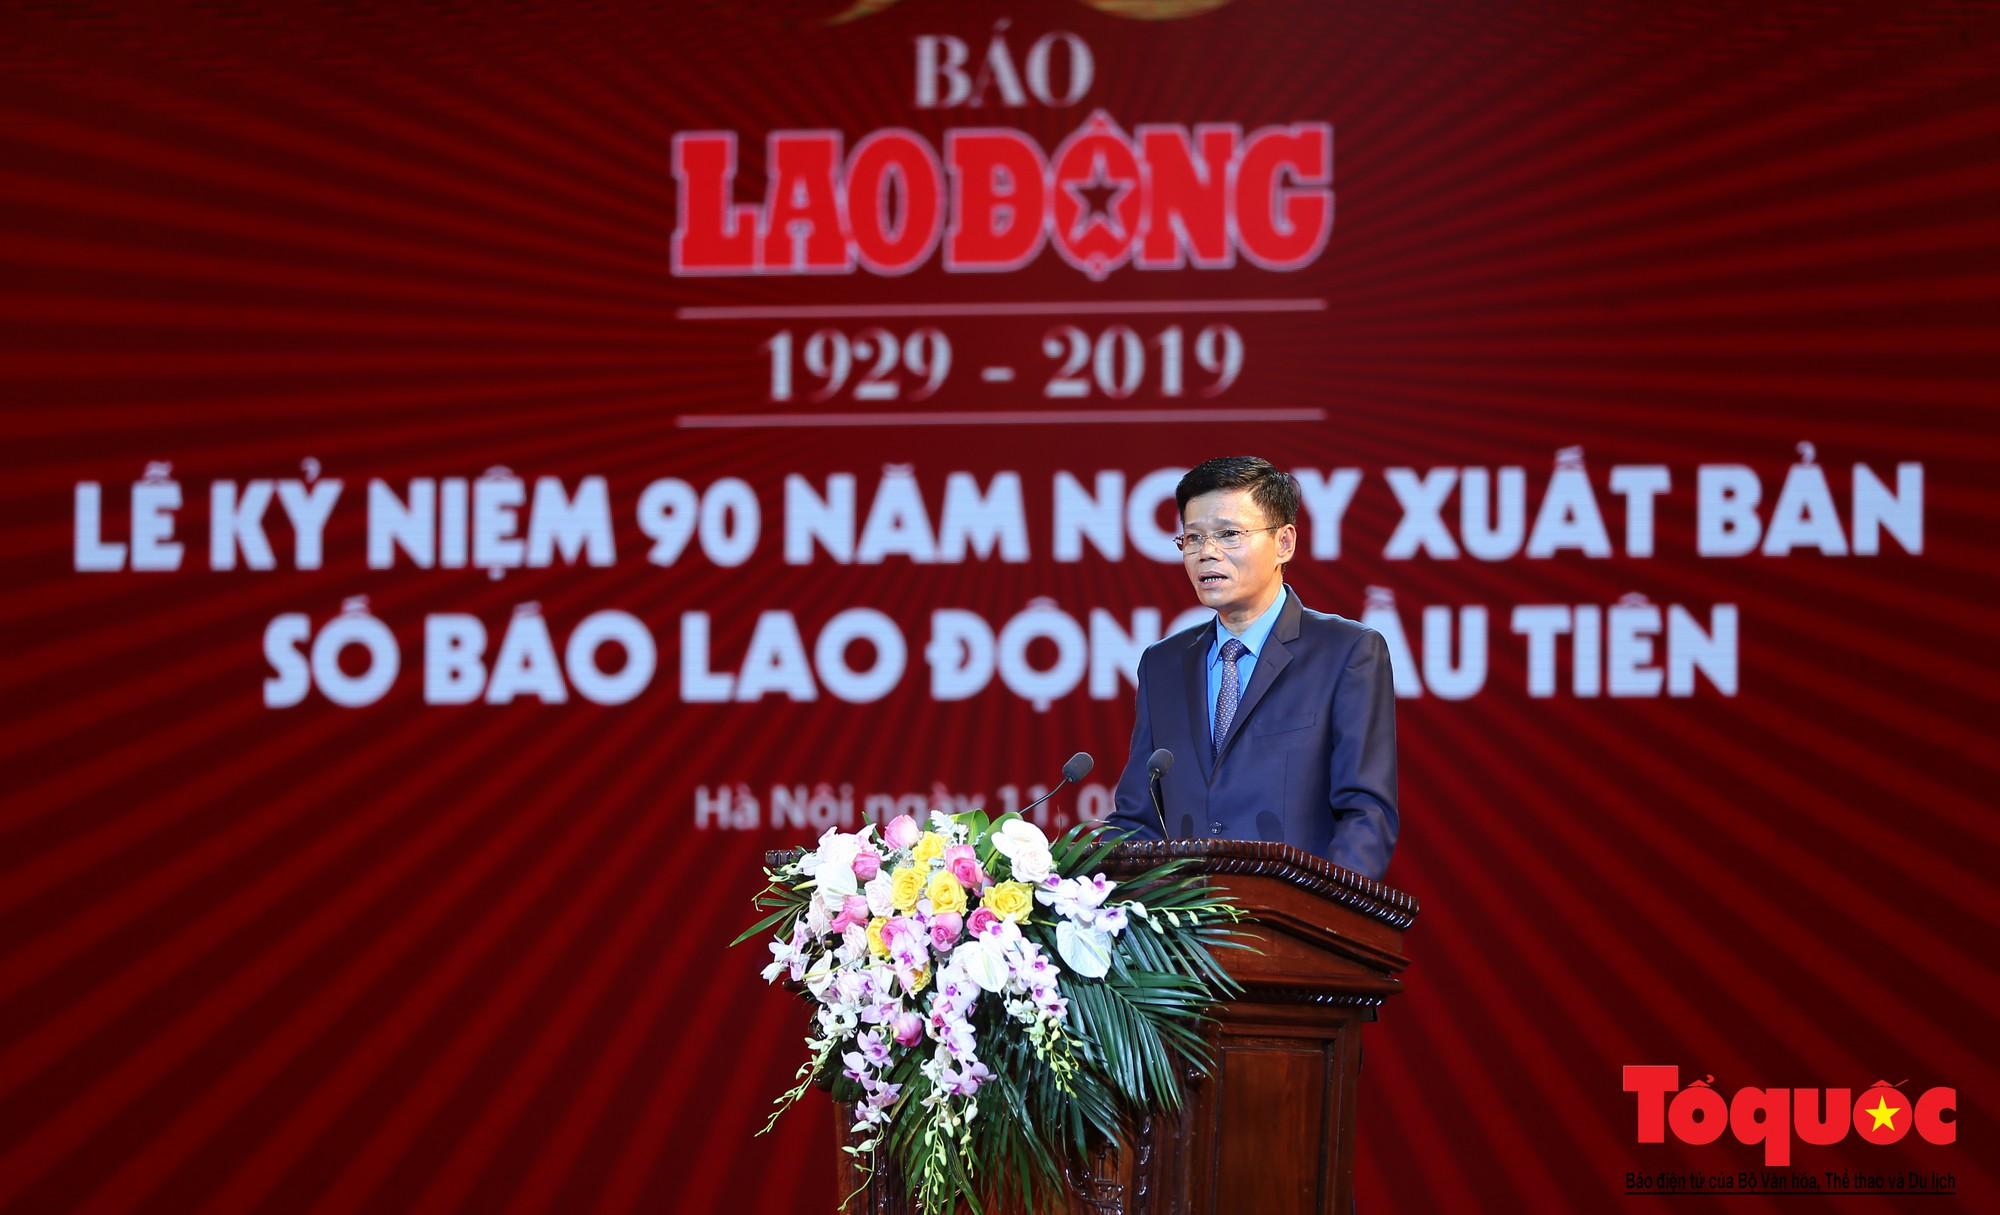 Thủ tướng Nguyễn Xuân Phúc trao Huân chương Lao động hạng Nhất cho Báo Lao Động (2)